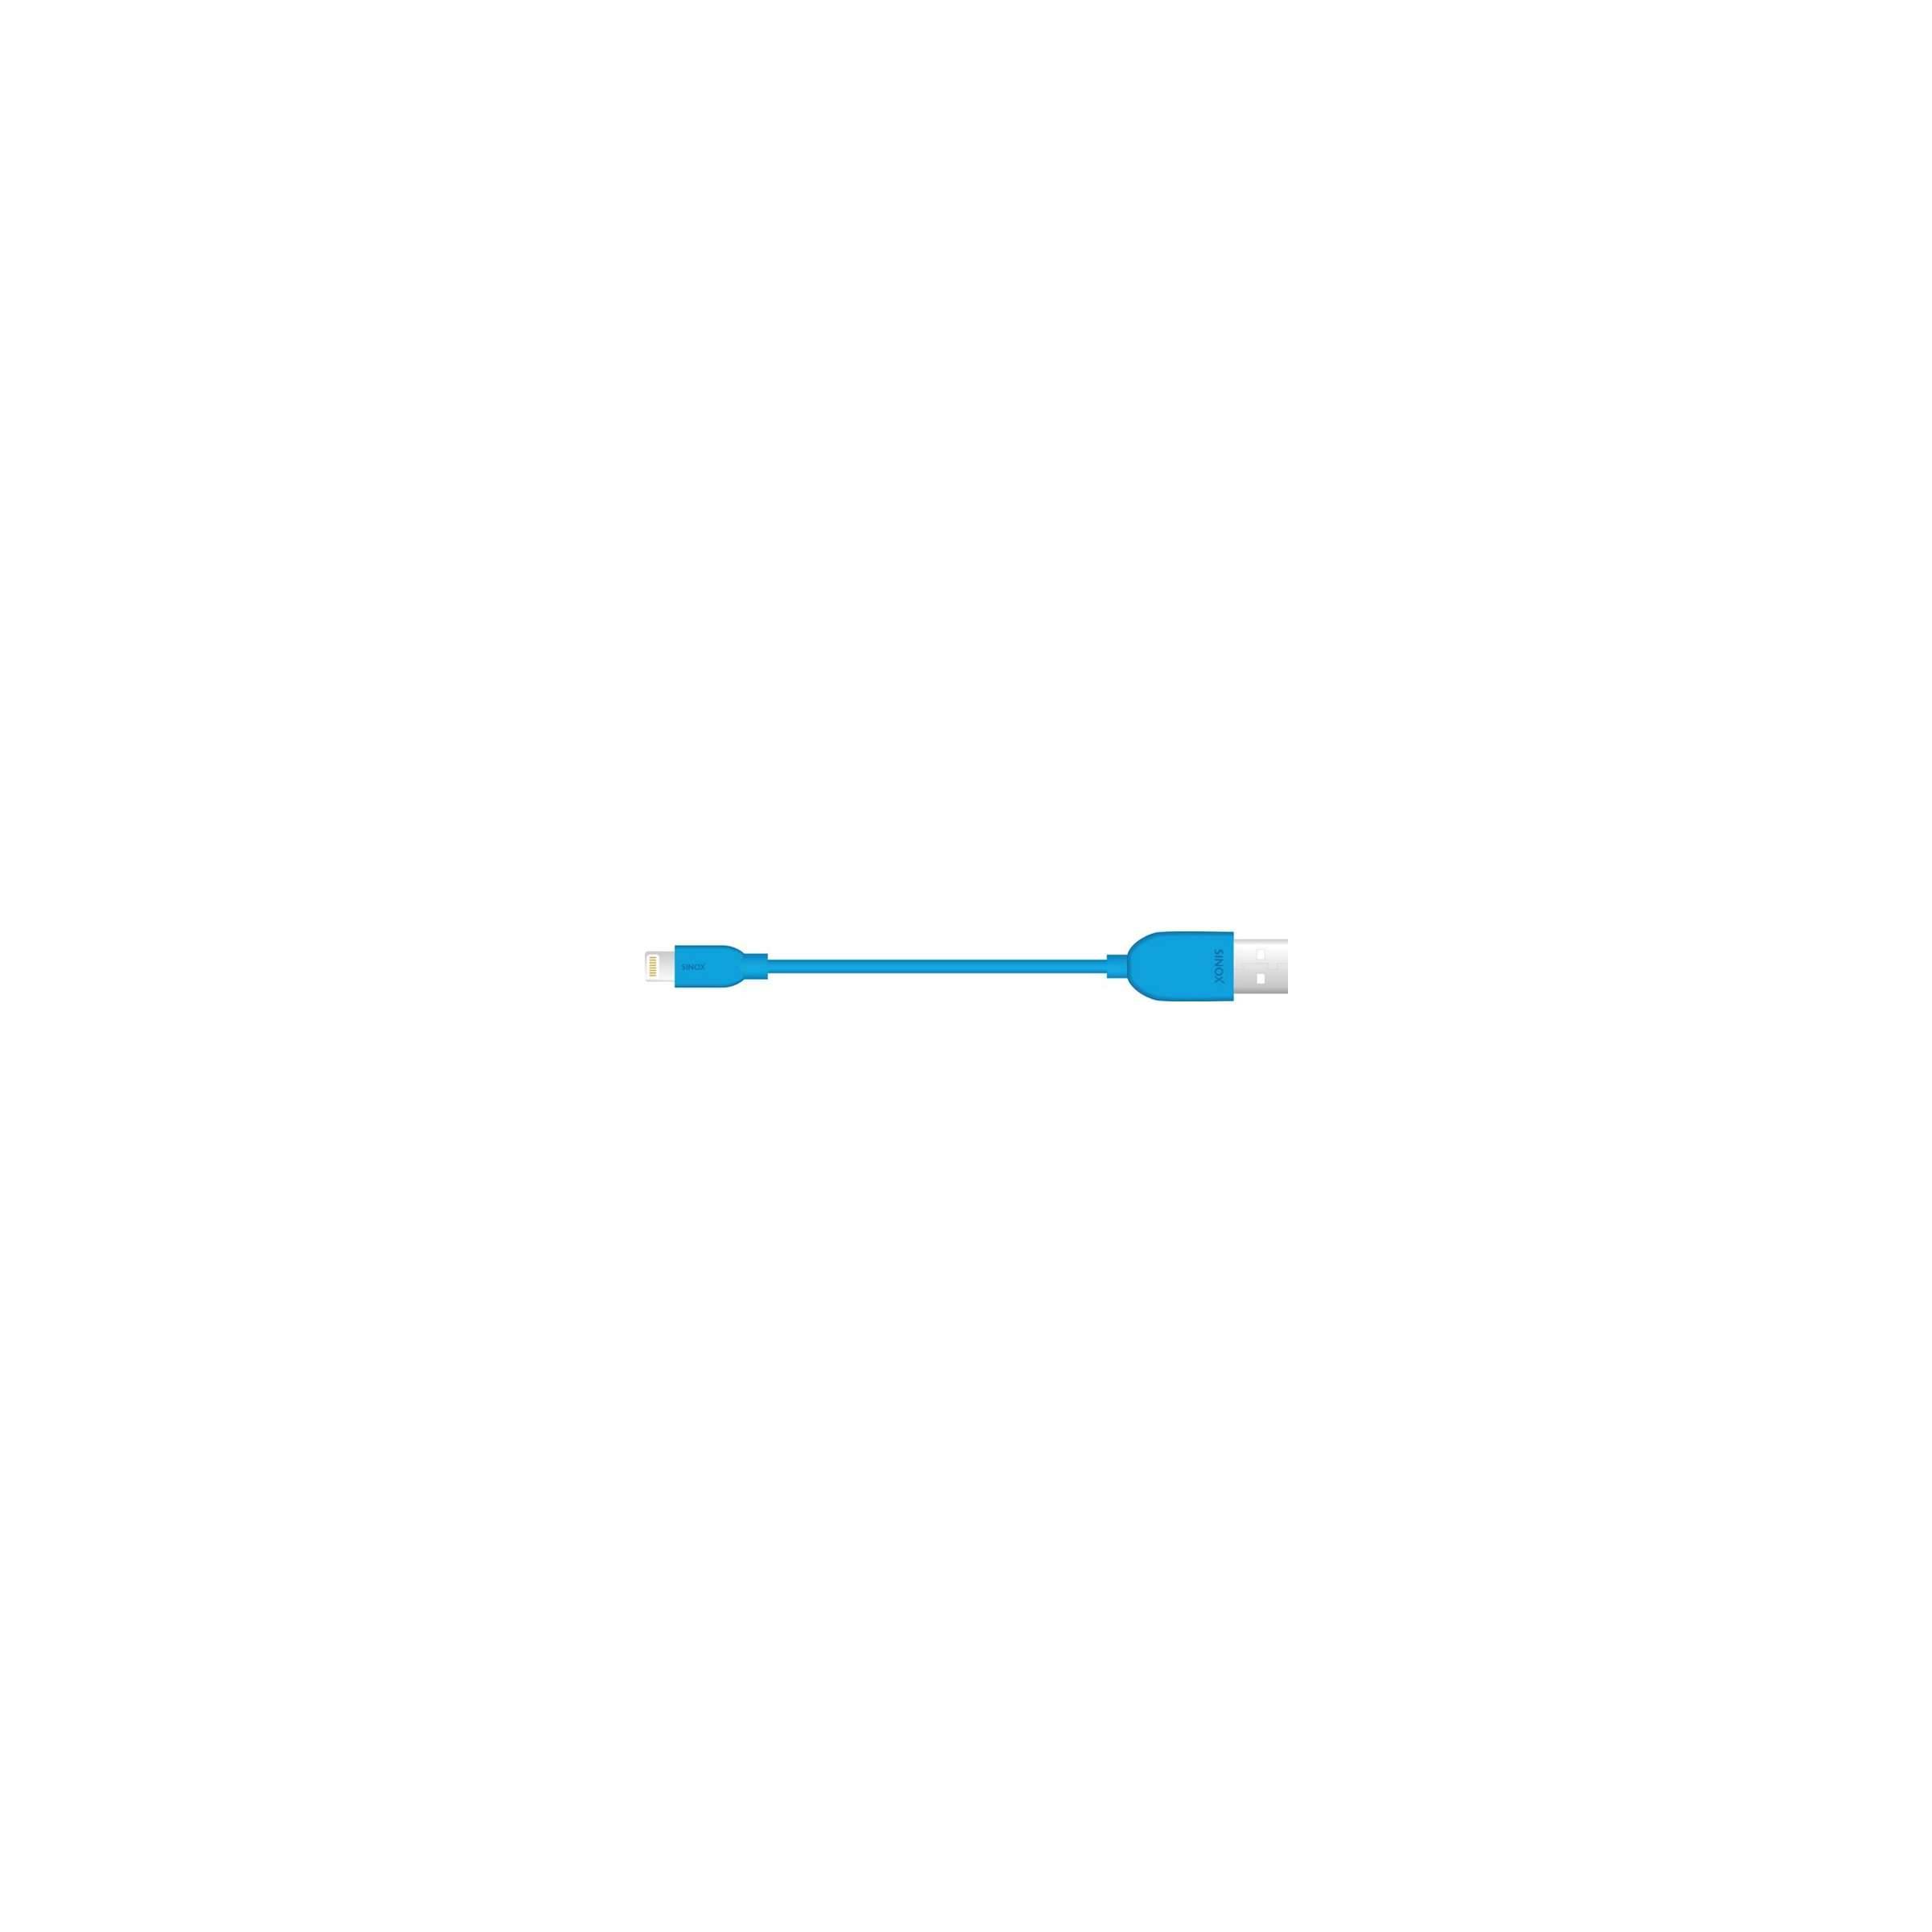 sinox Sinox imedia lightning kabel mfi farve blå, længde 2 meter fra mackabler.dk